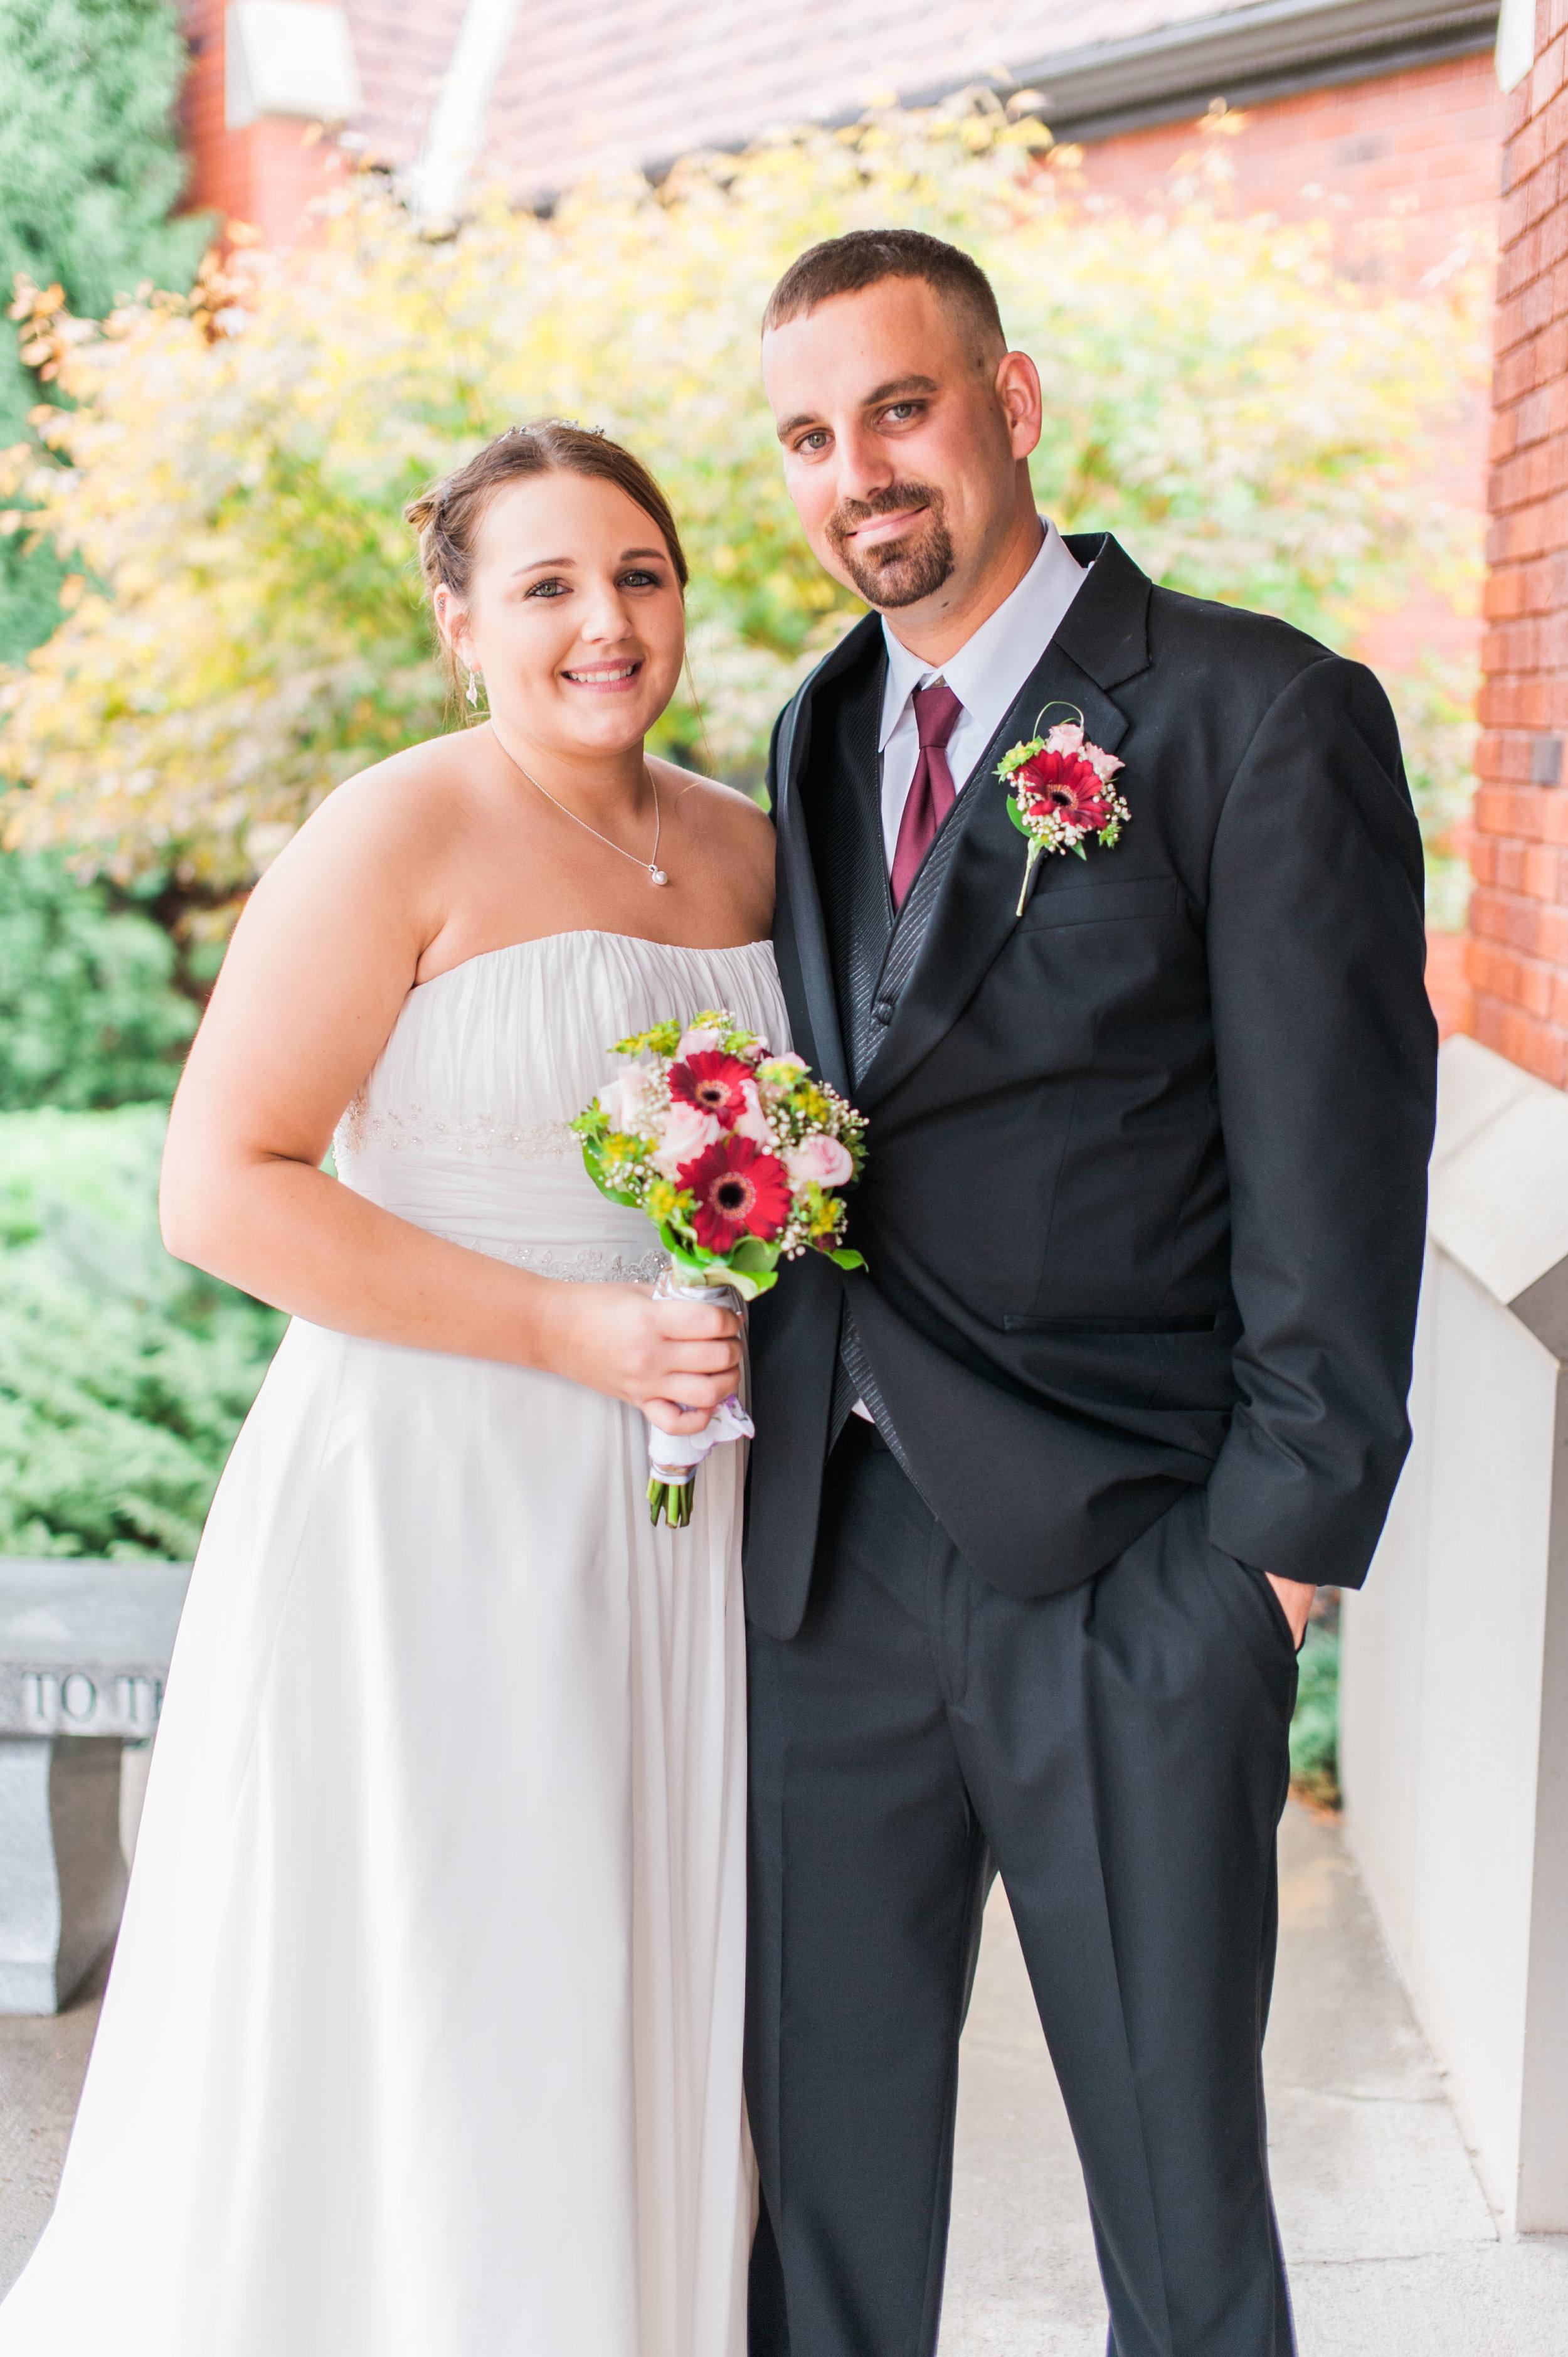 nebraska-wedding-photographer-8.jpg